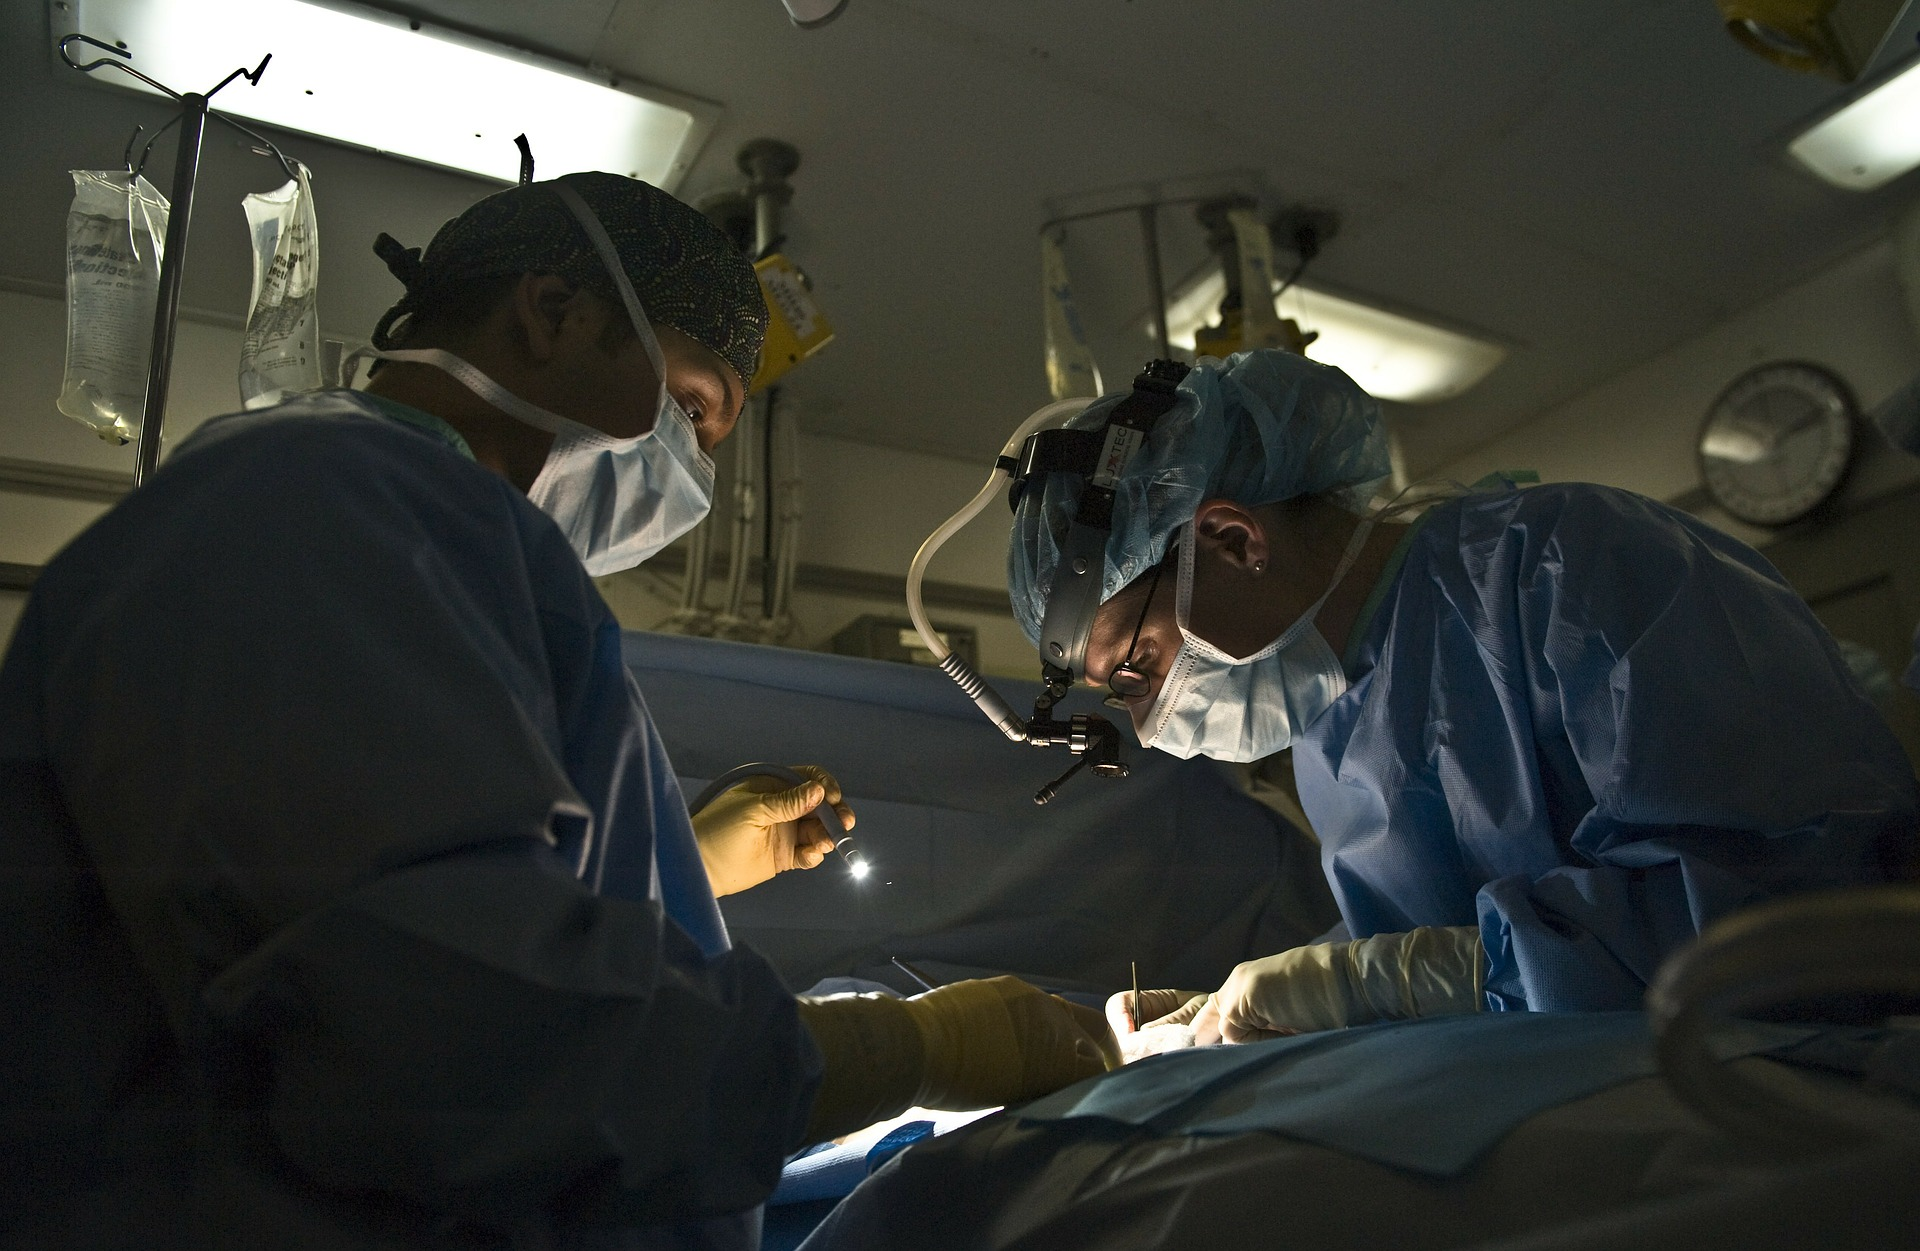 Quelle est la différence entre chirurgie esthétique et chirurgie reconstructive?